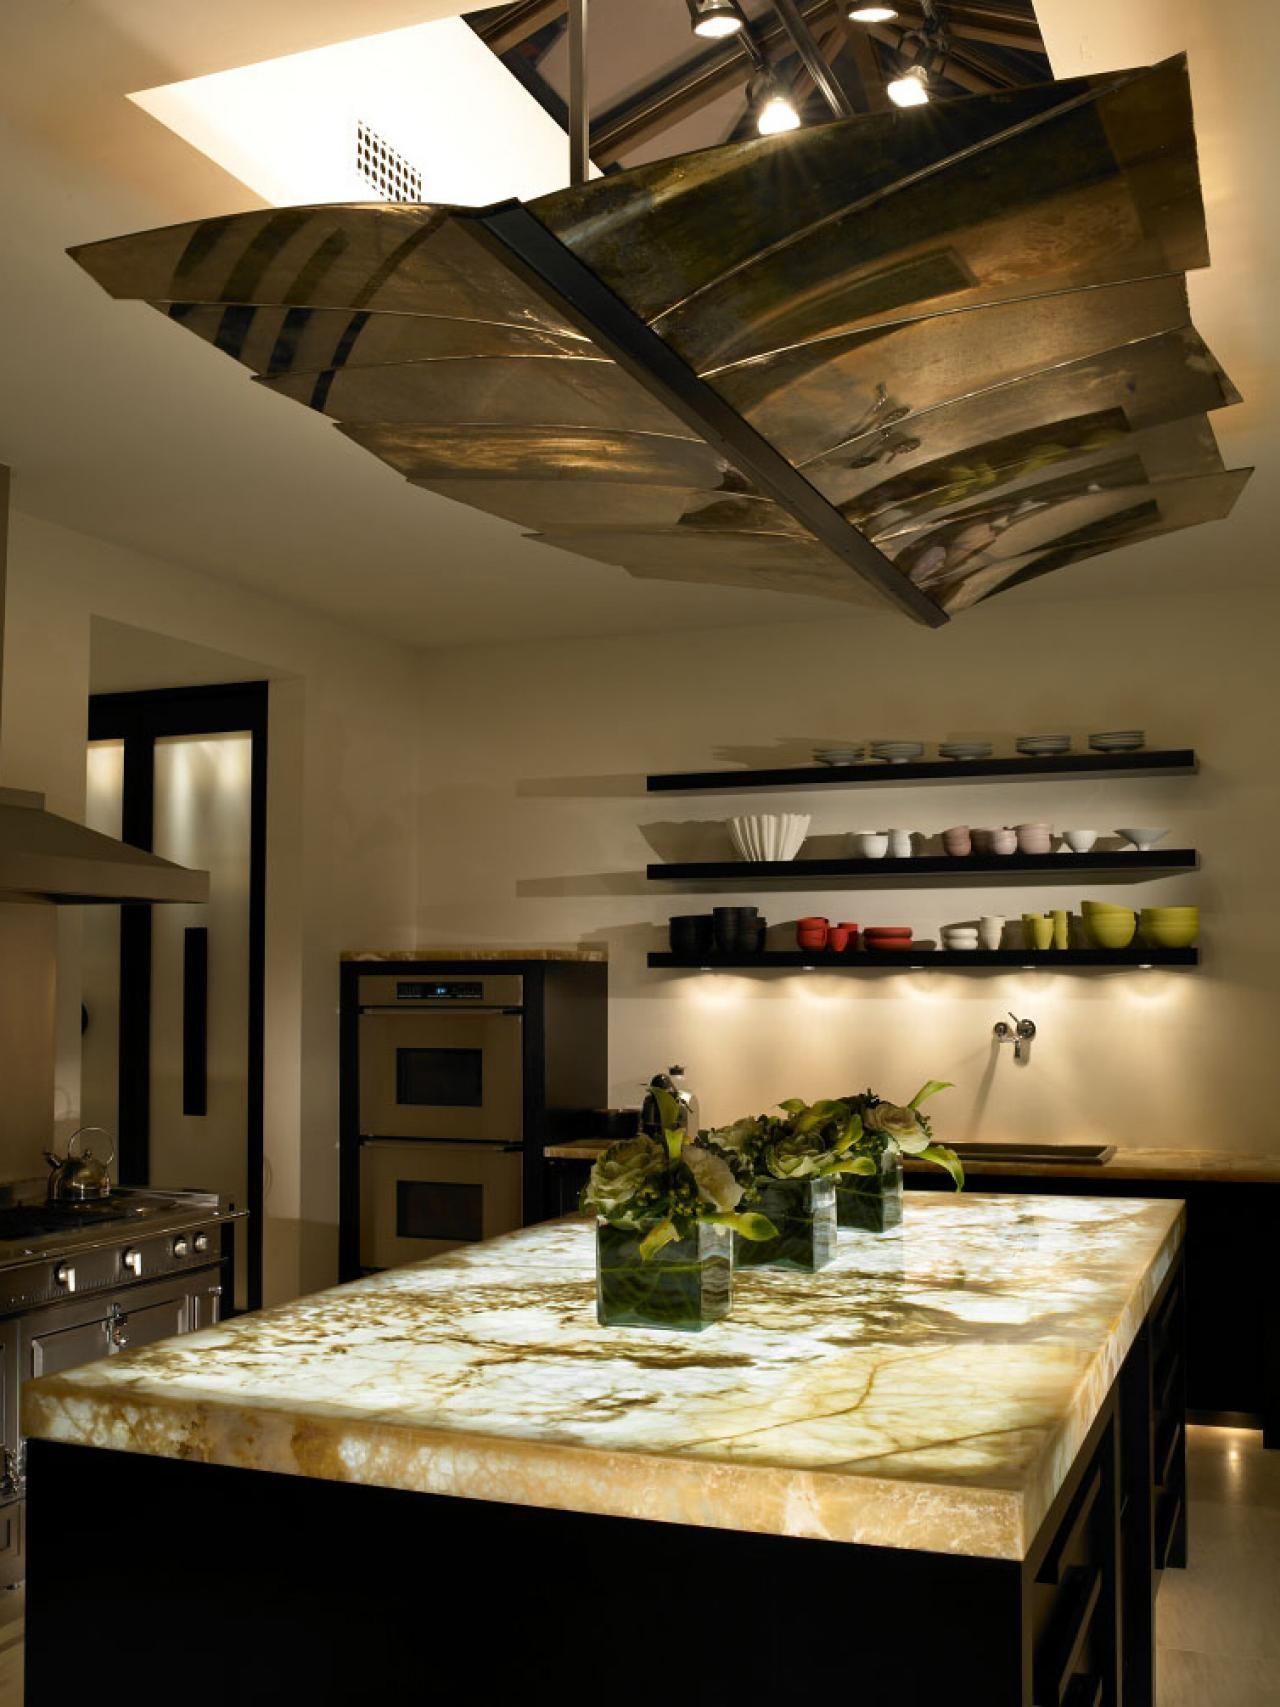 Amazing kitchens hgtv - Amazing Kitchens